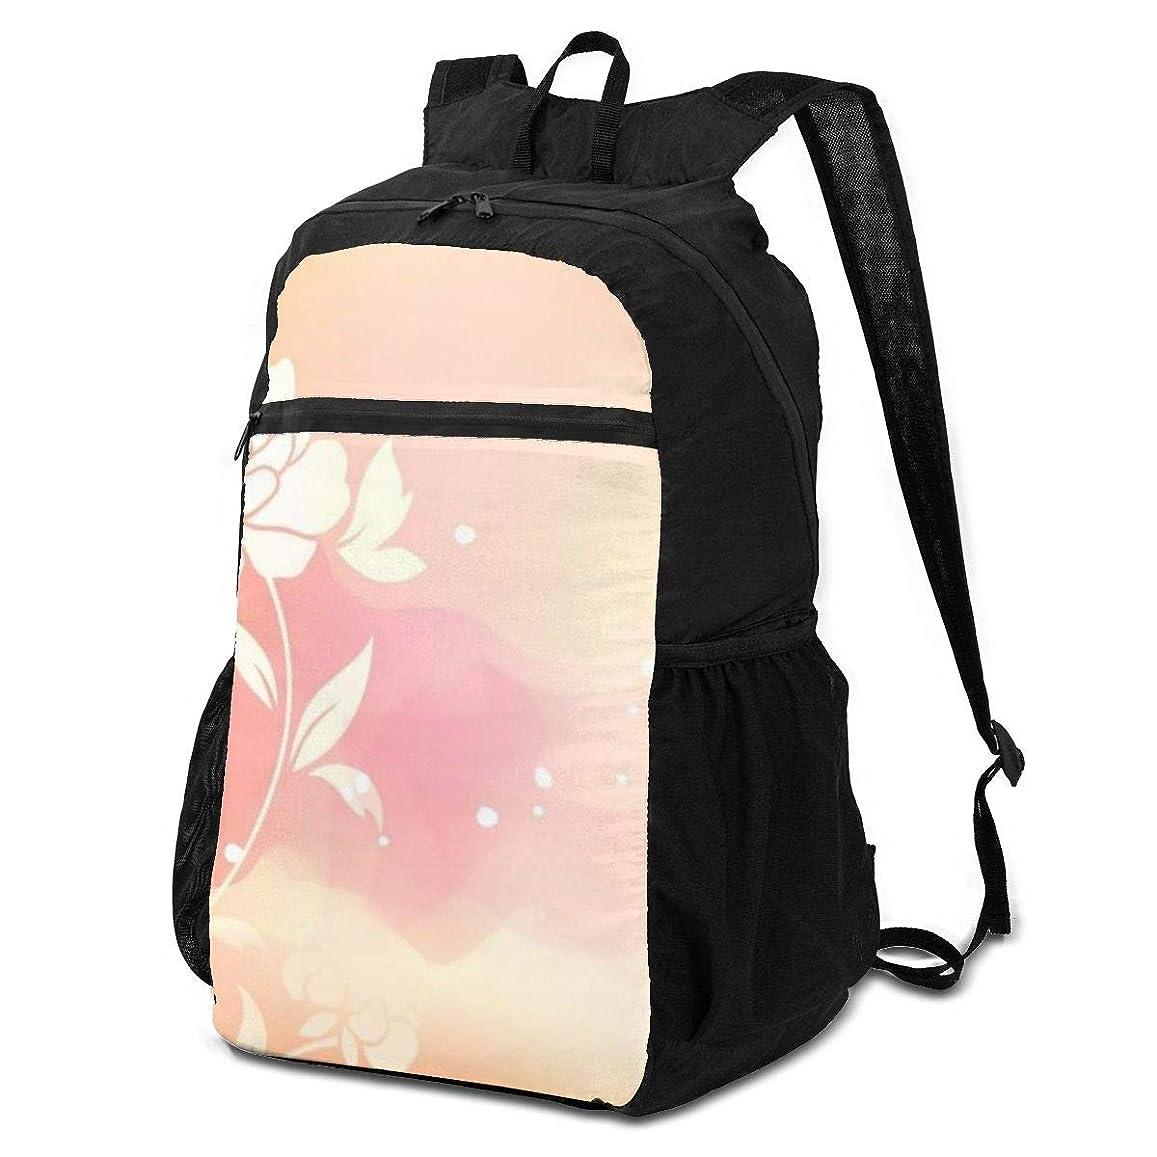 ロードハウス傾向がありますレンディション登山リュック ザック 抽象的な花 バックパック 軽量 防水 通勤 小型旅行 折りたたみ式キャンプ アウトドアバッグ